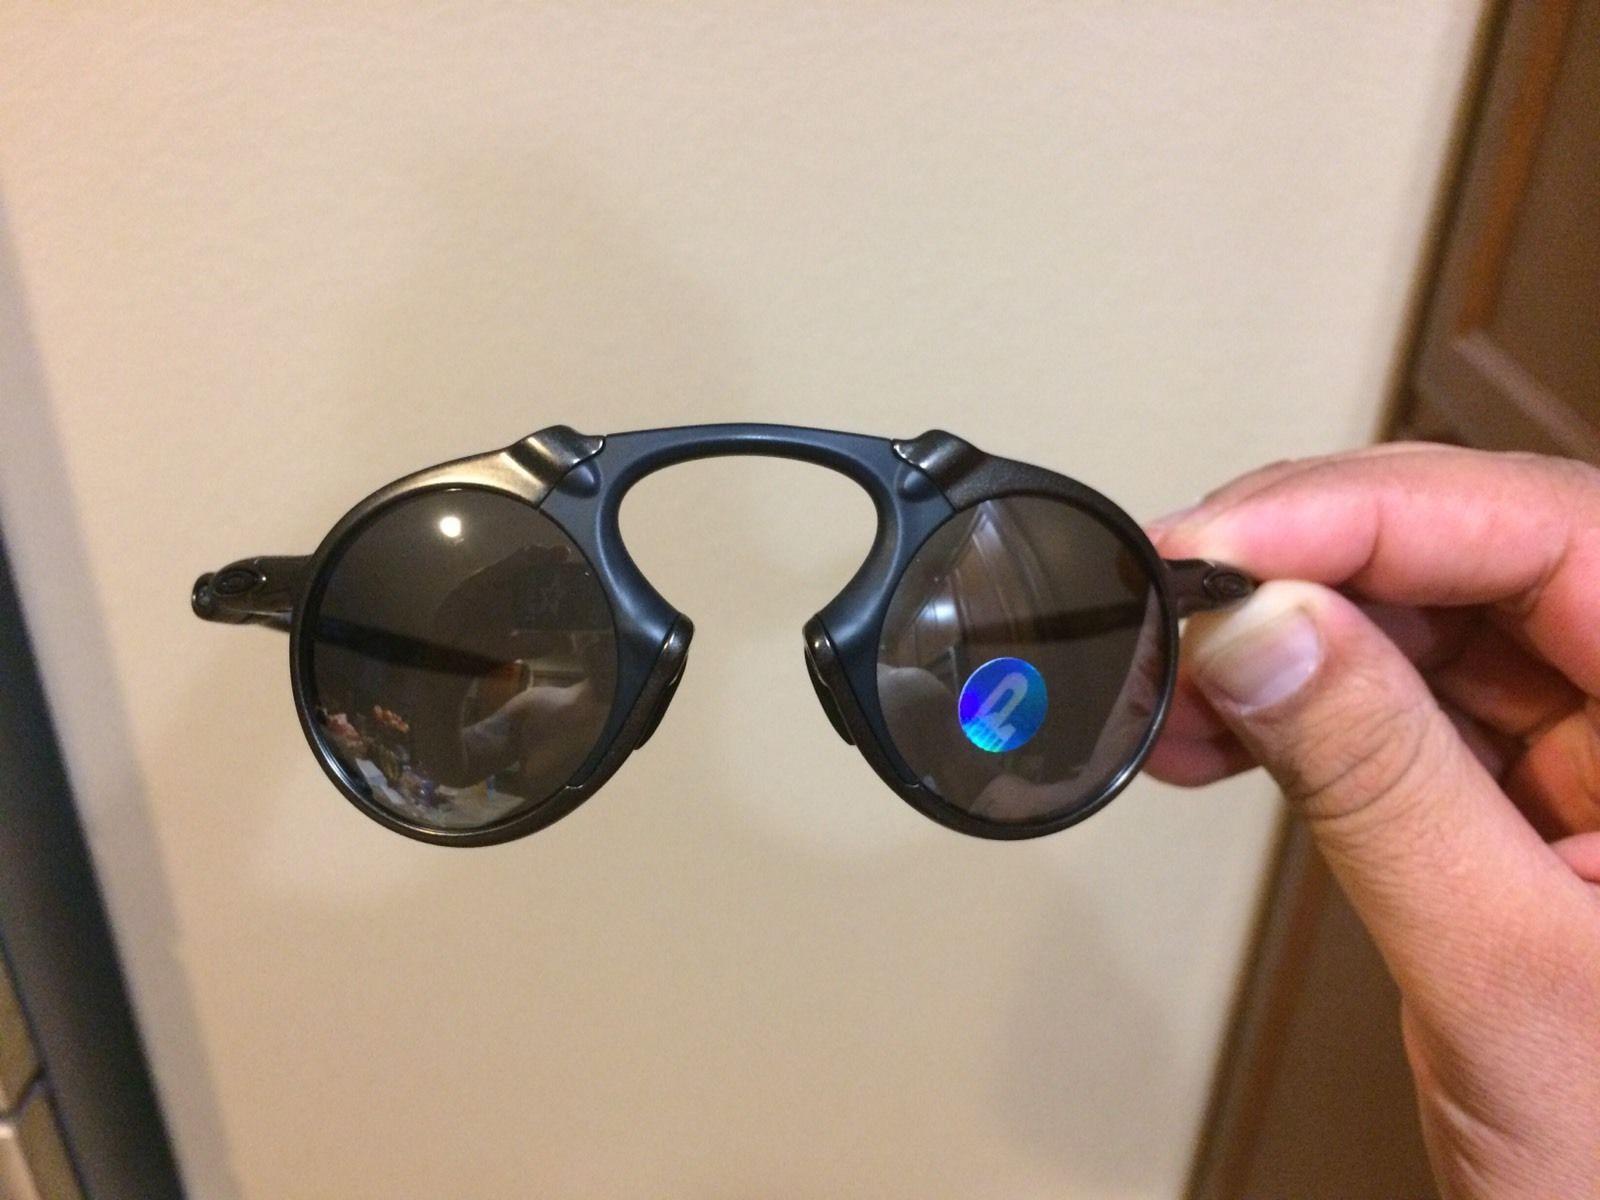 2e8aebdba01 ... aliexpress oakley madman steampunk sunglasses ebay 7495d e18f2